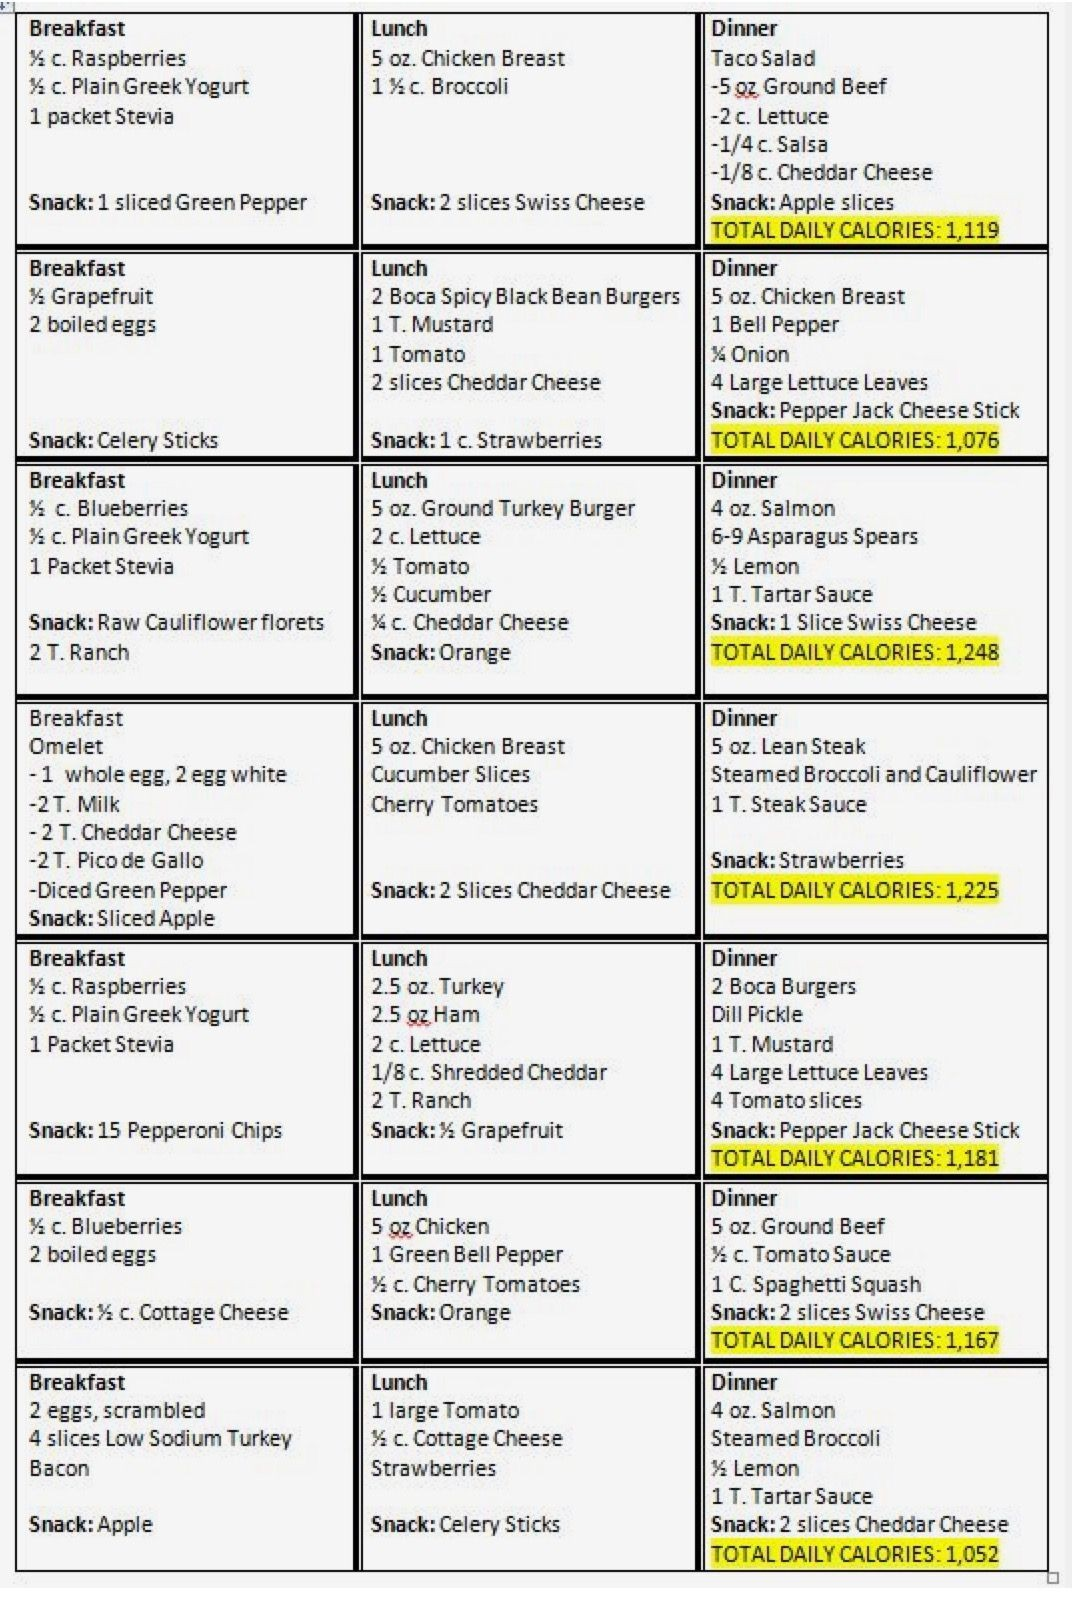 sample healthy meal plan 1200 calories  Sample 1200 Calorie Meal Plan | healthy diet plan in 2019 ..